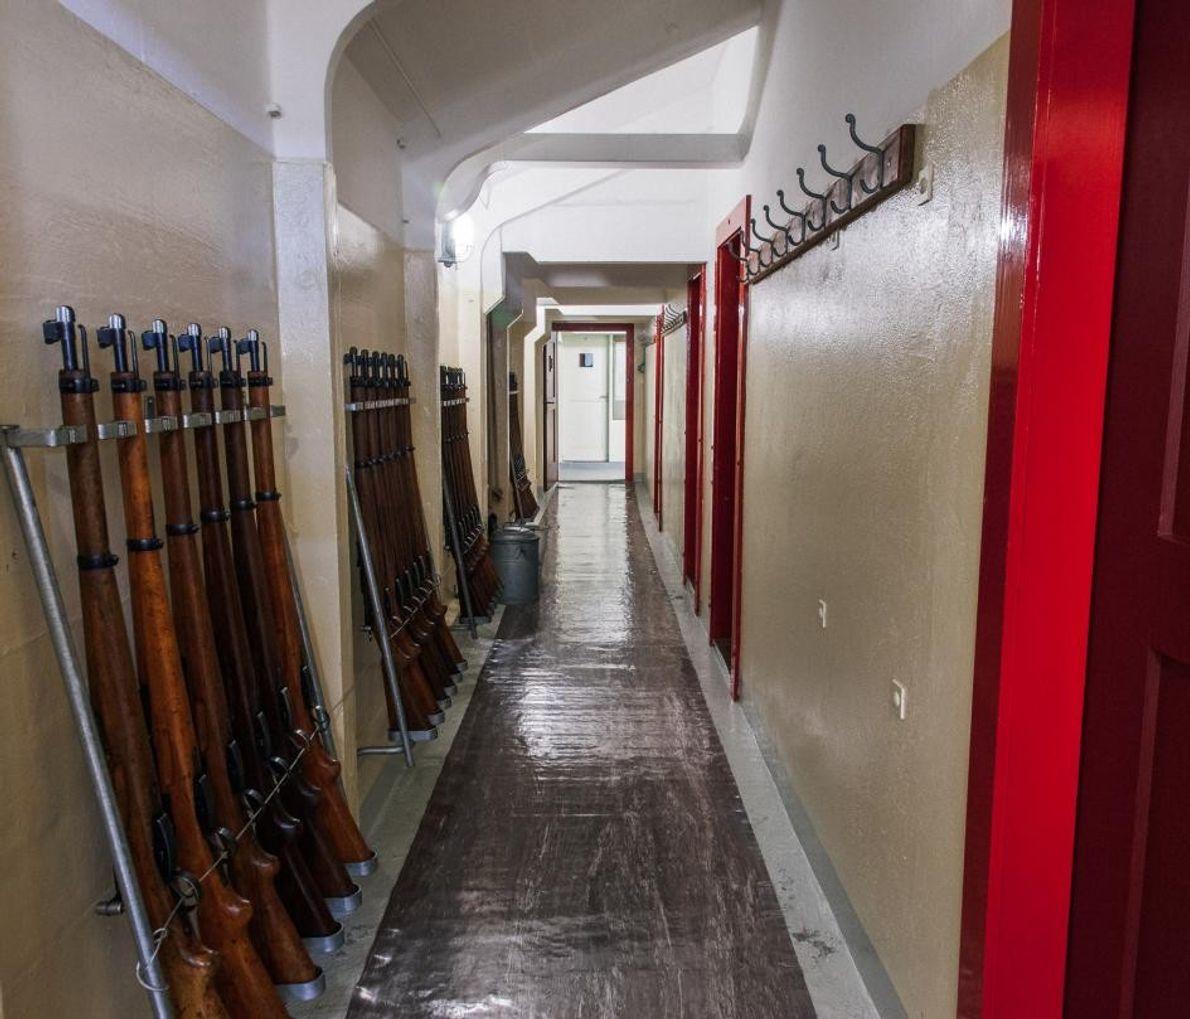 Couloir avec, à gauche, des carabines alignées, Fort Waldbrand